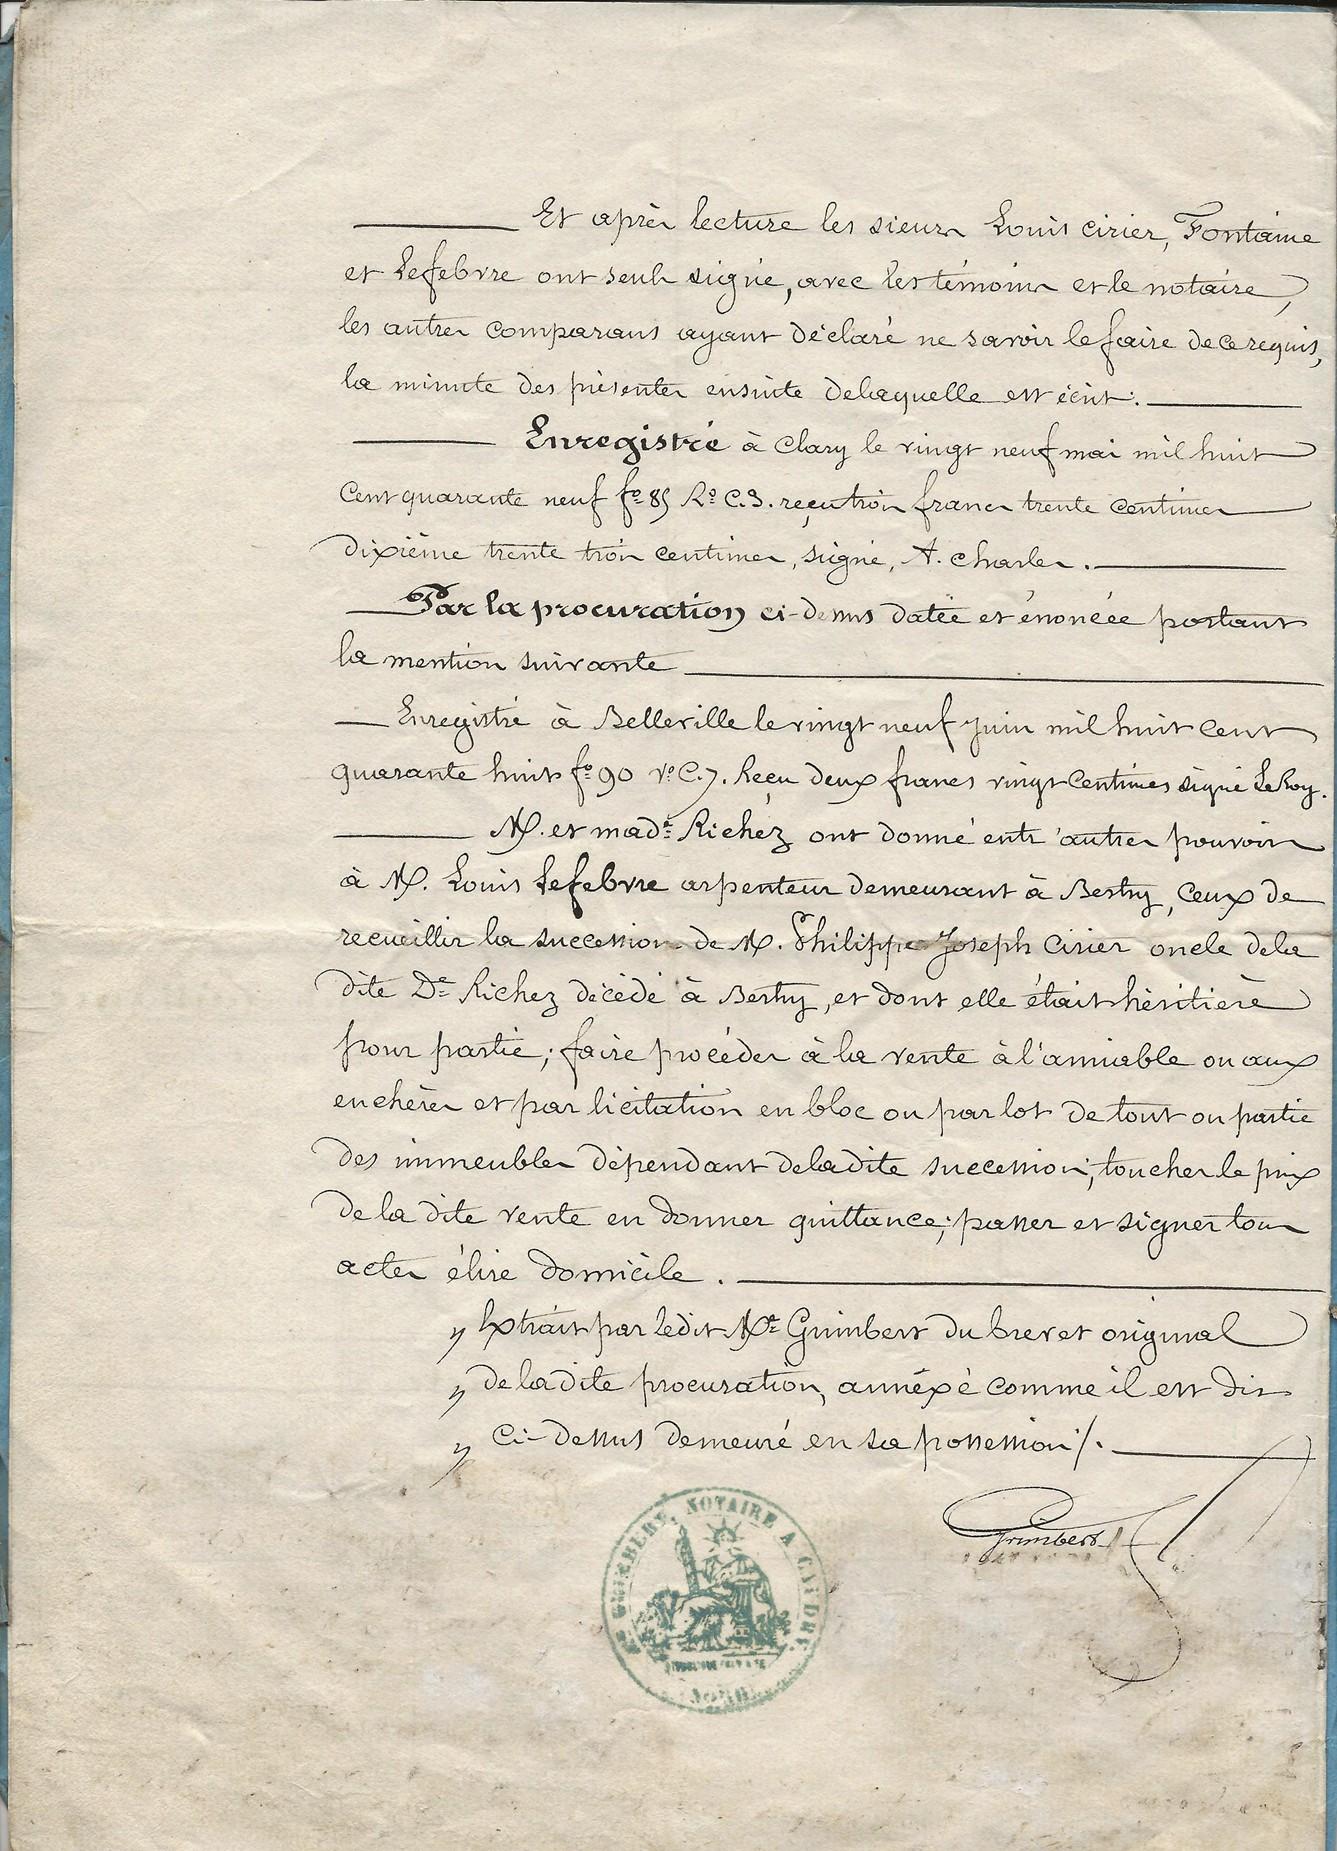 1849 vente terrrain amina ciriez a ses freres et soeurs 004